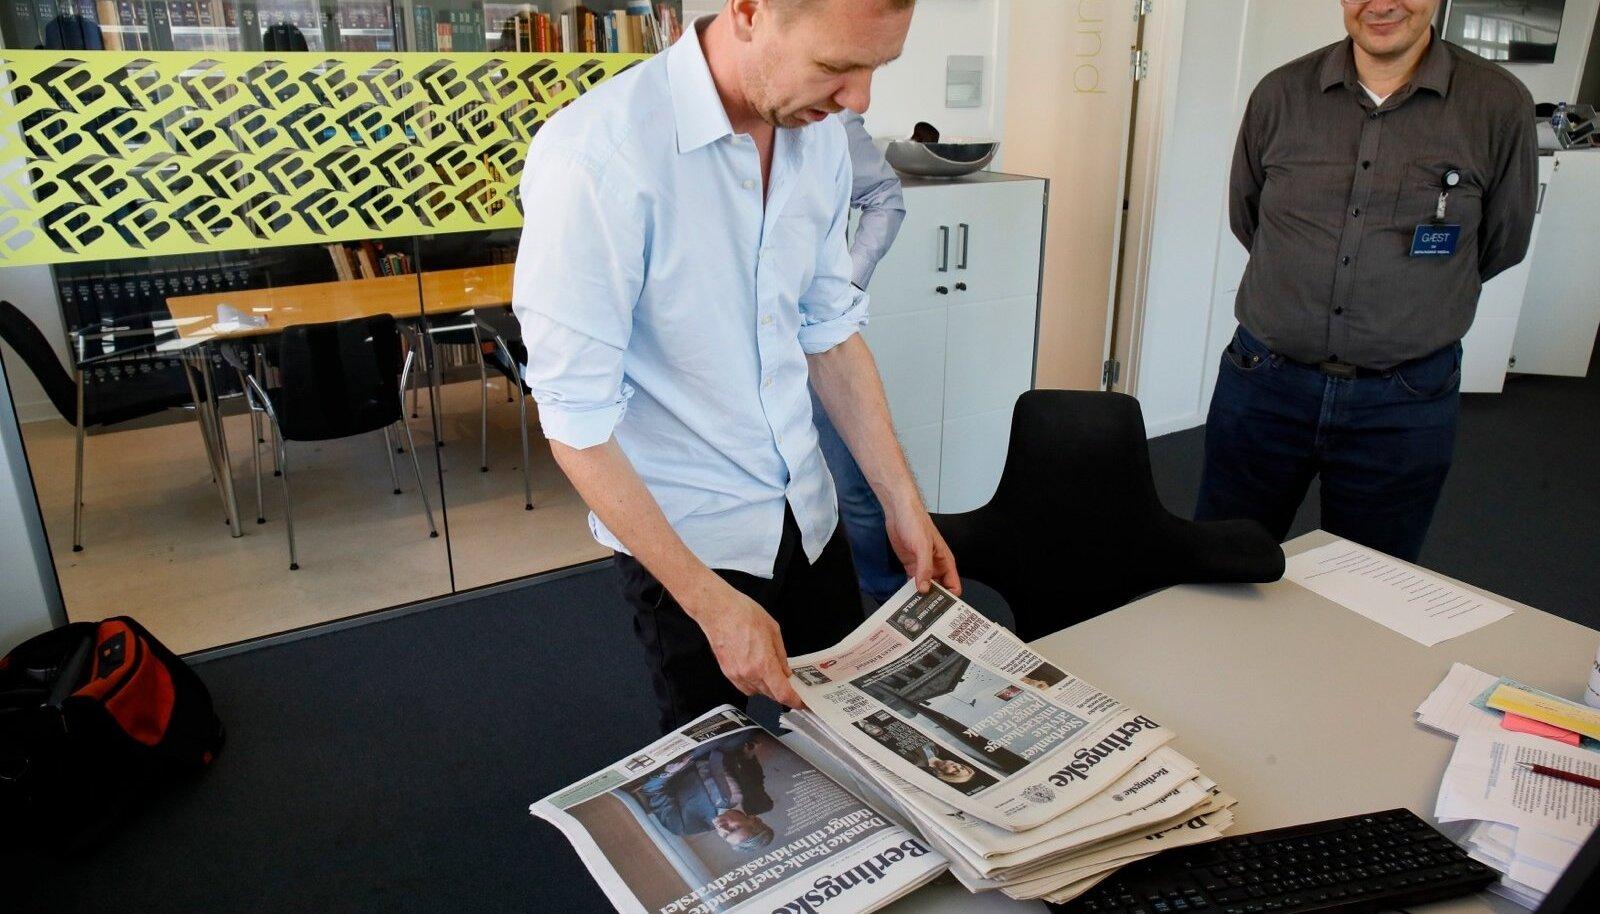 Simon Bendtsen näitab Berlingske toimetuses Danske Banki skandaali paljastavaid lehenumbreid.